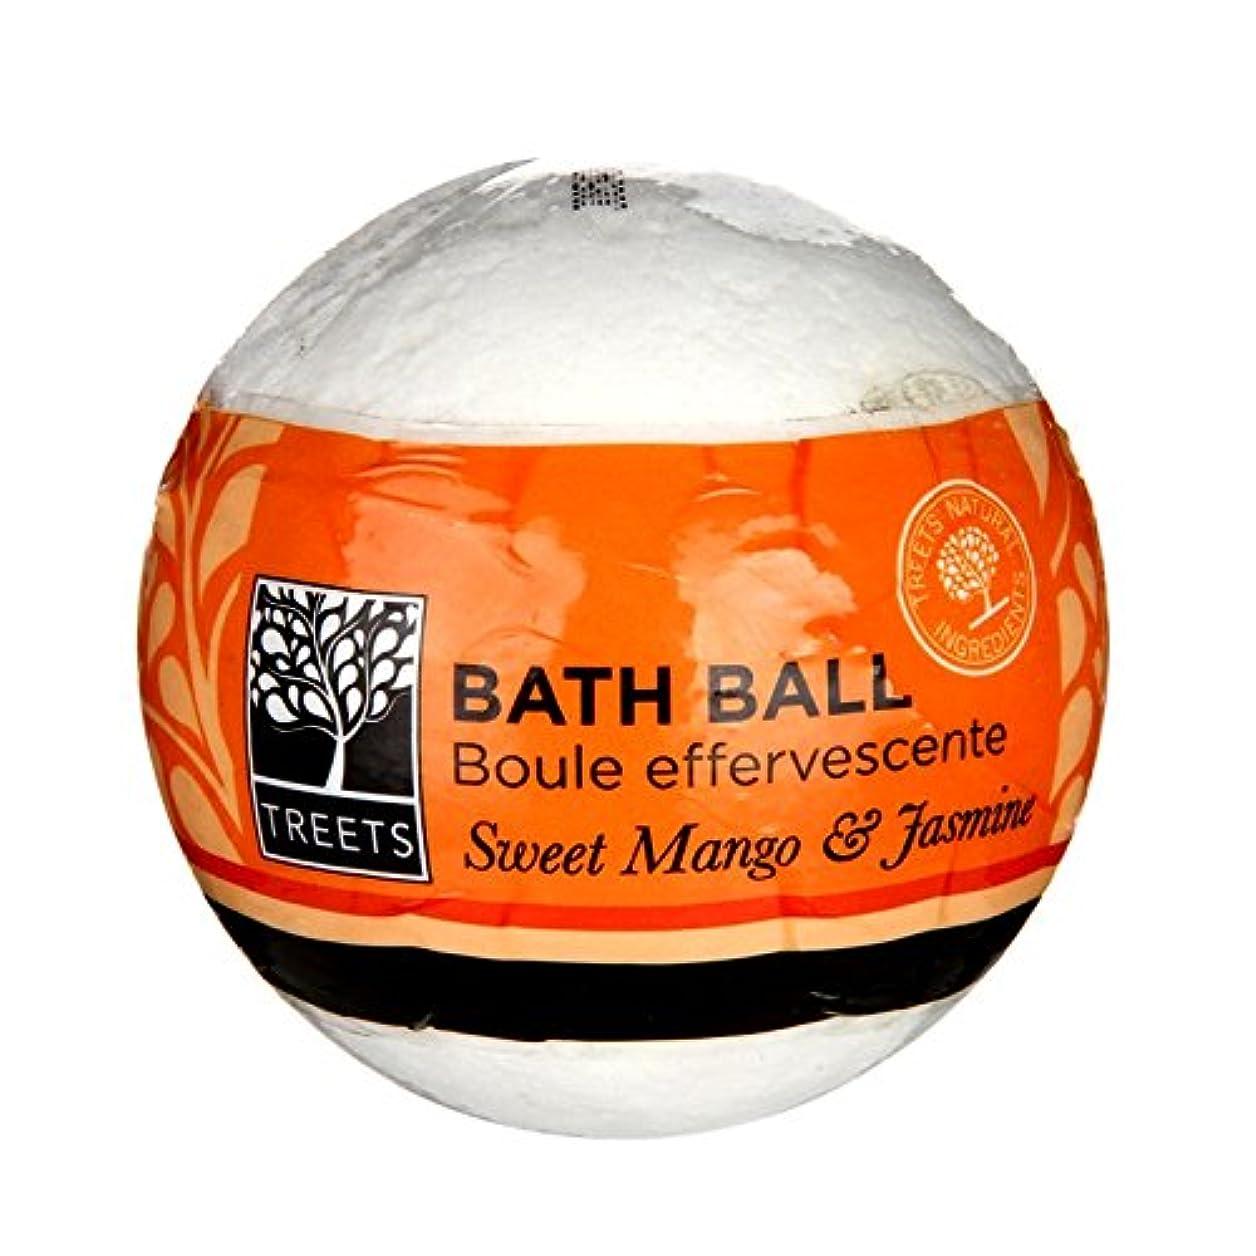 肥沃な販売員司法Treets Sweet Mango and Jasmine Bath Ball (Pack of 2) - Treets甘いマンゴーとジャスミンバスボール (x2) [並行輸入品]